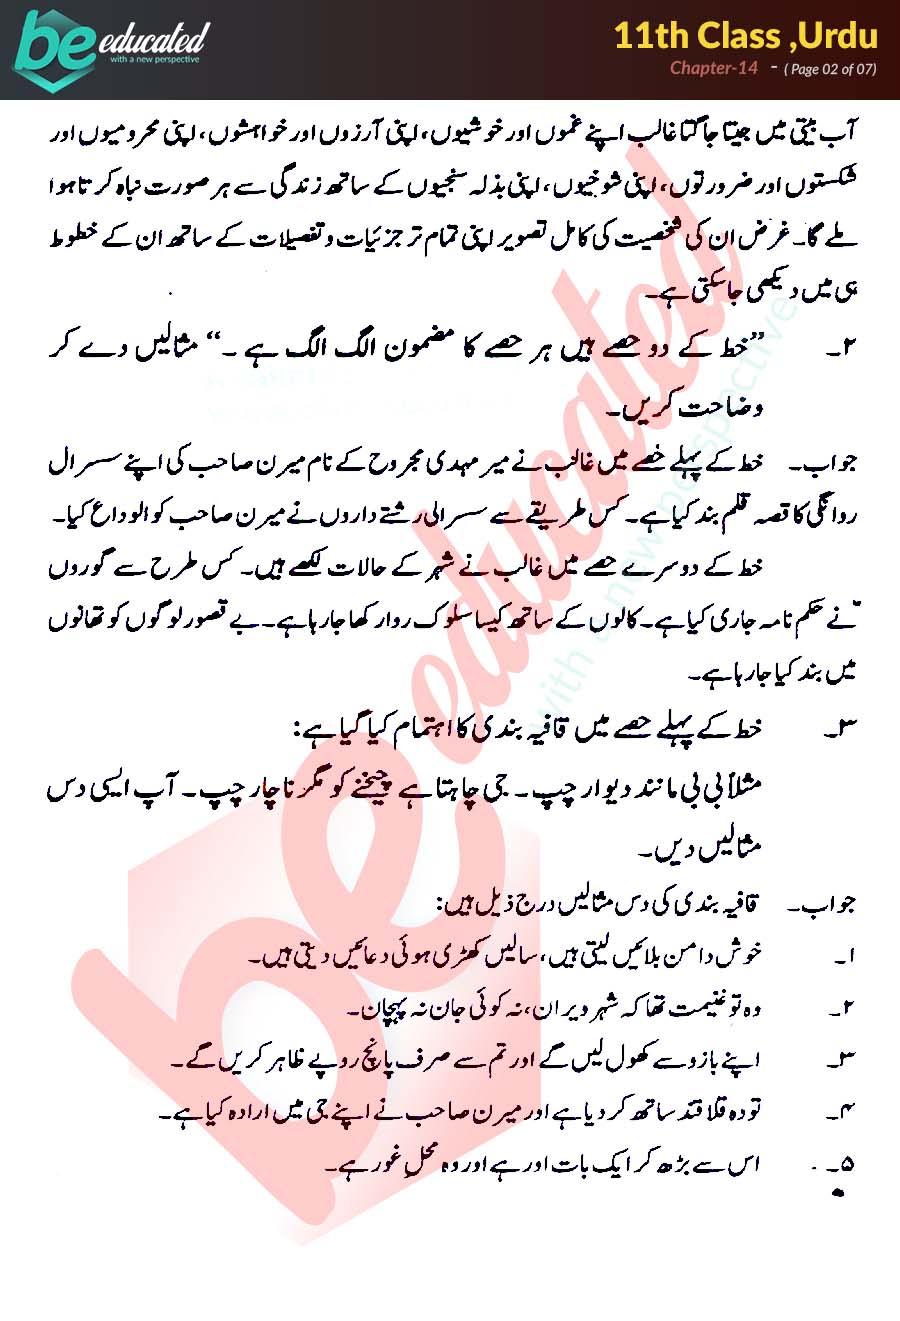 Urdu Region Images - Reverse Search